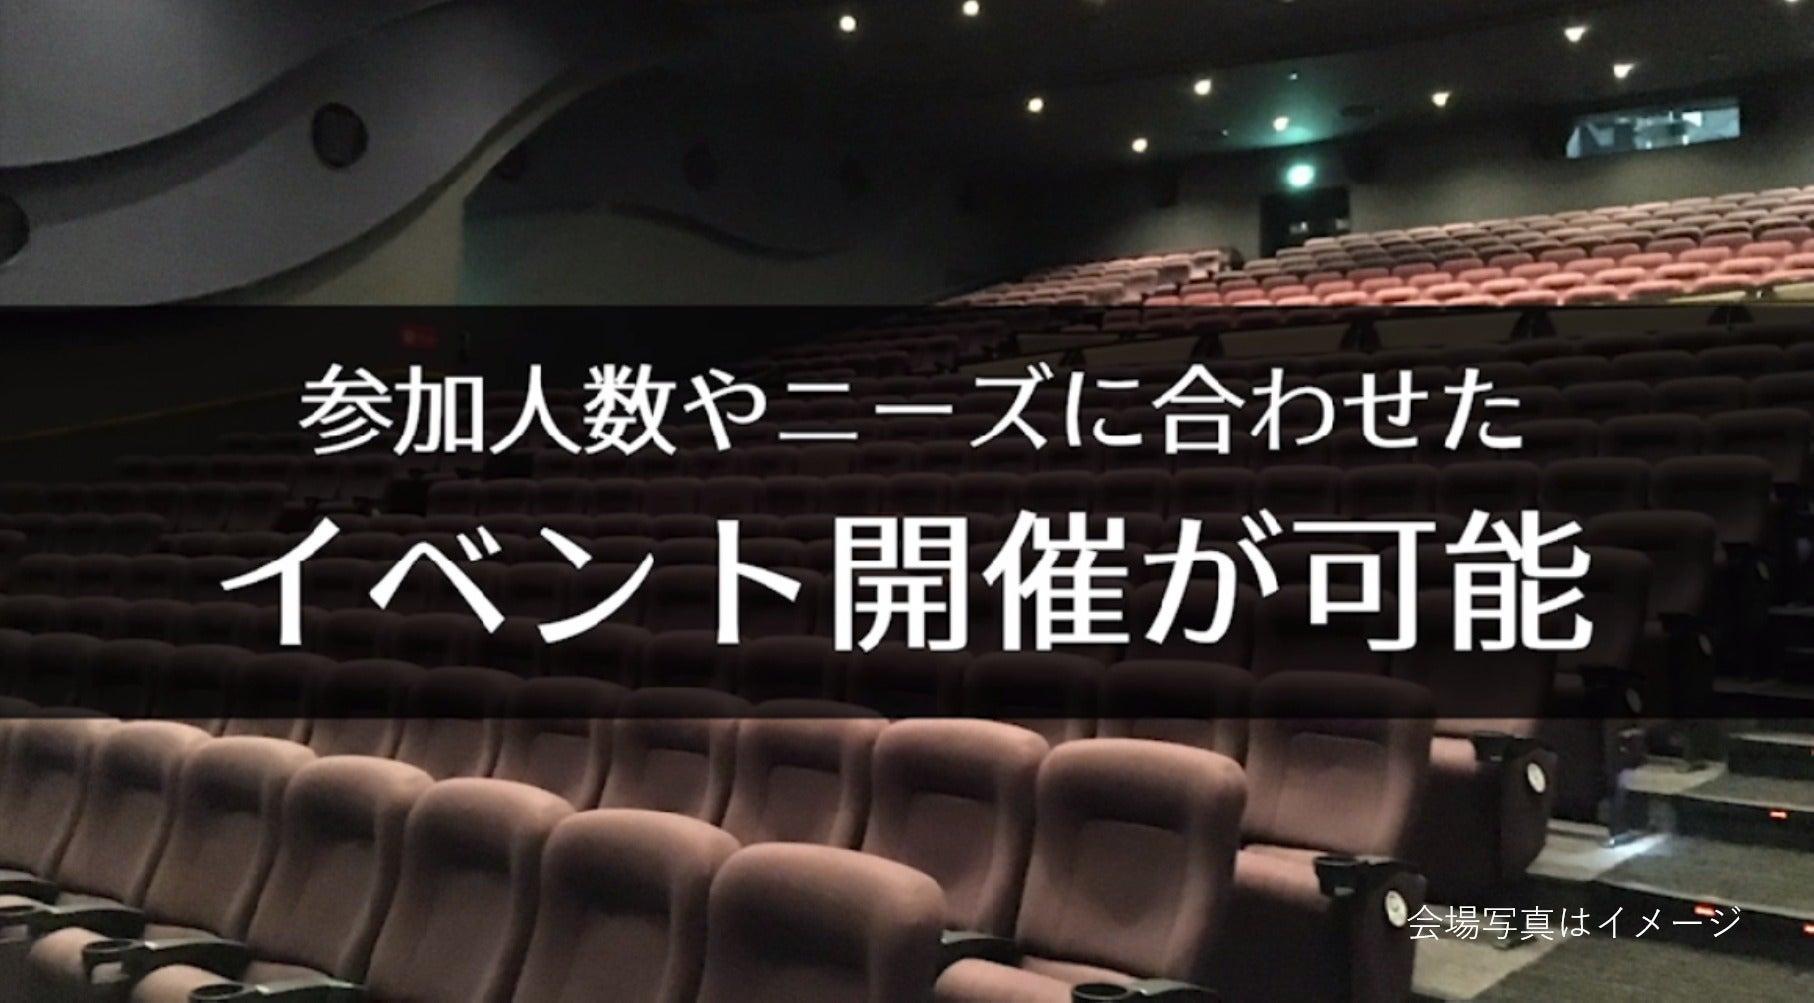 【水戸 173席】映画館で、会社説明会、株主総会、講演会の企画はいかがですか?(ユナイテッド・シネマ水戸) の写真0